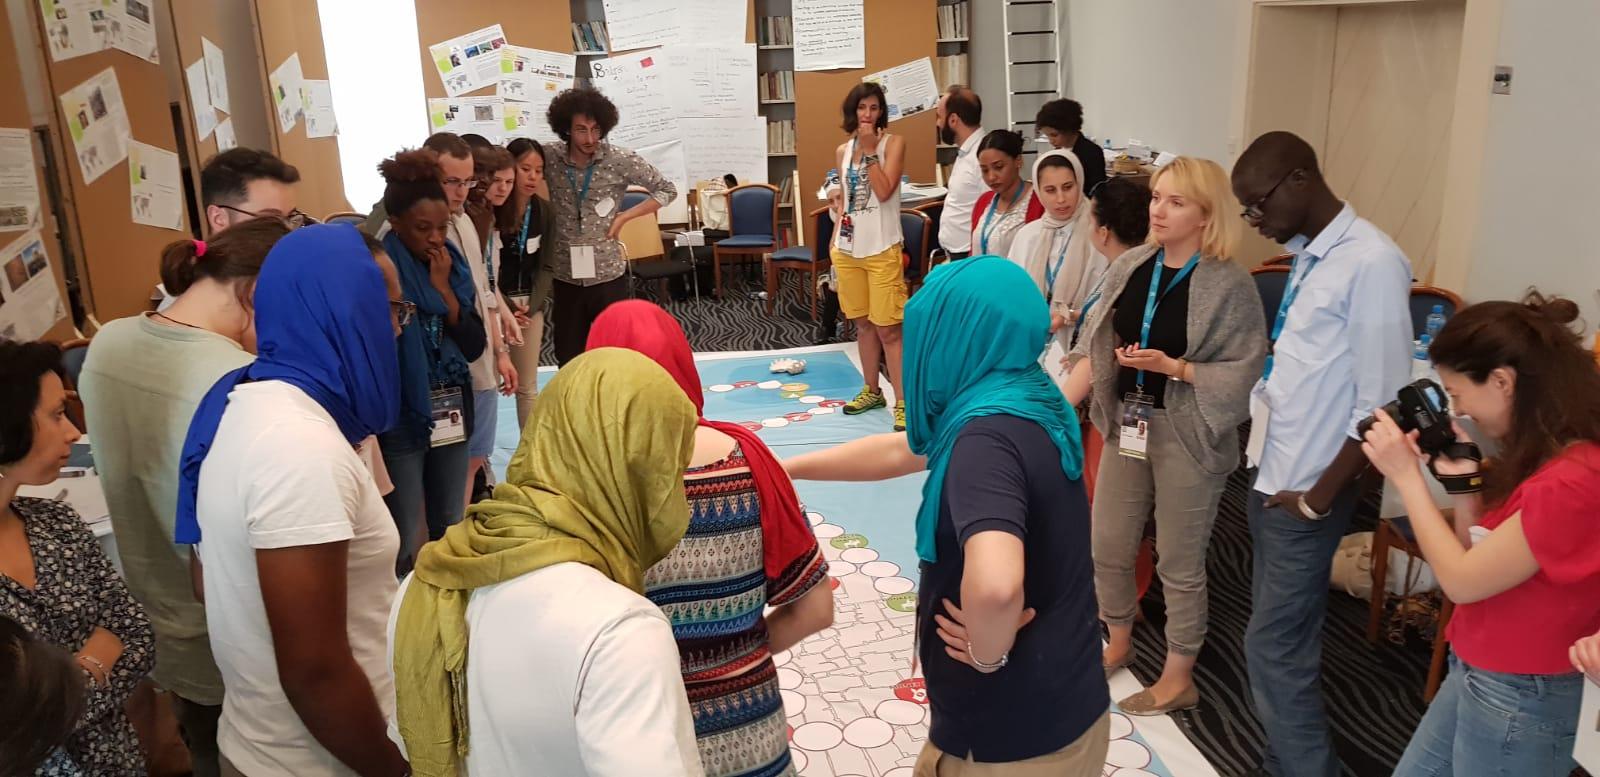 منتدى الخبراء الشباب يناقش تغيرات المناخ وأثرها على التراث العالمى  (2)